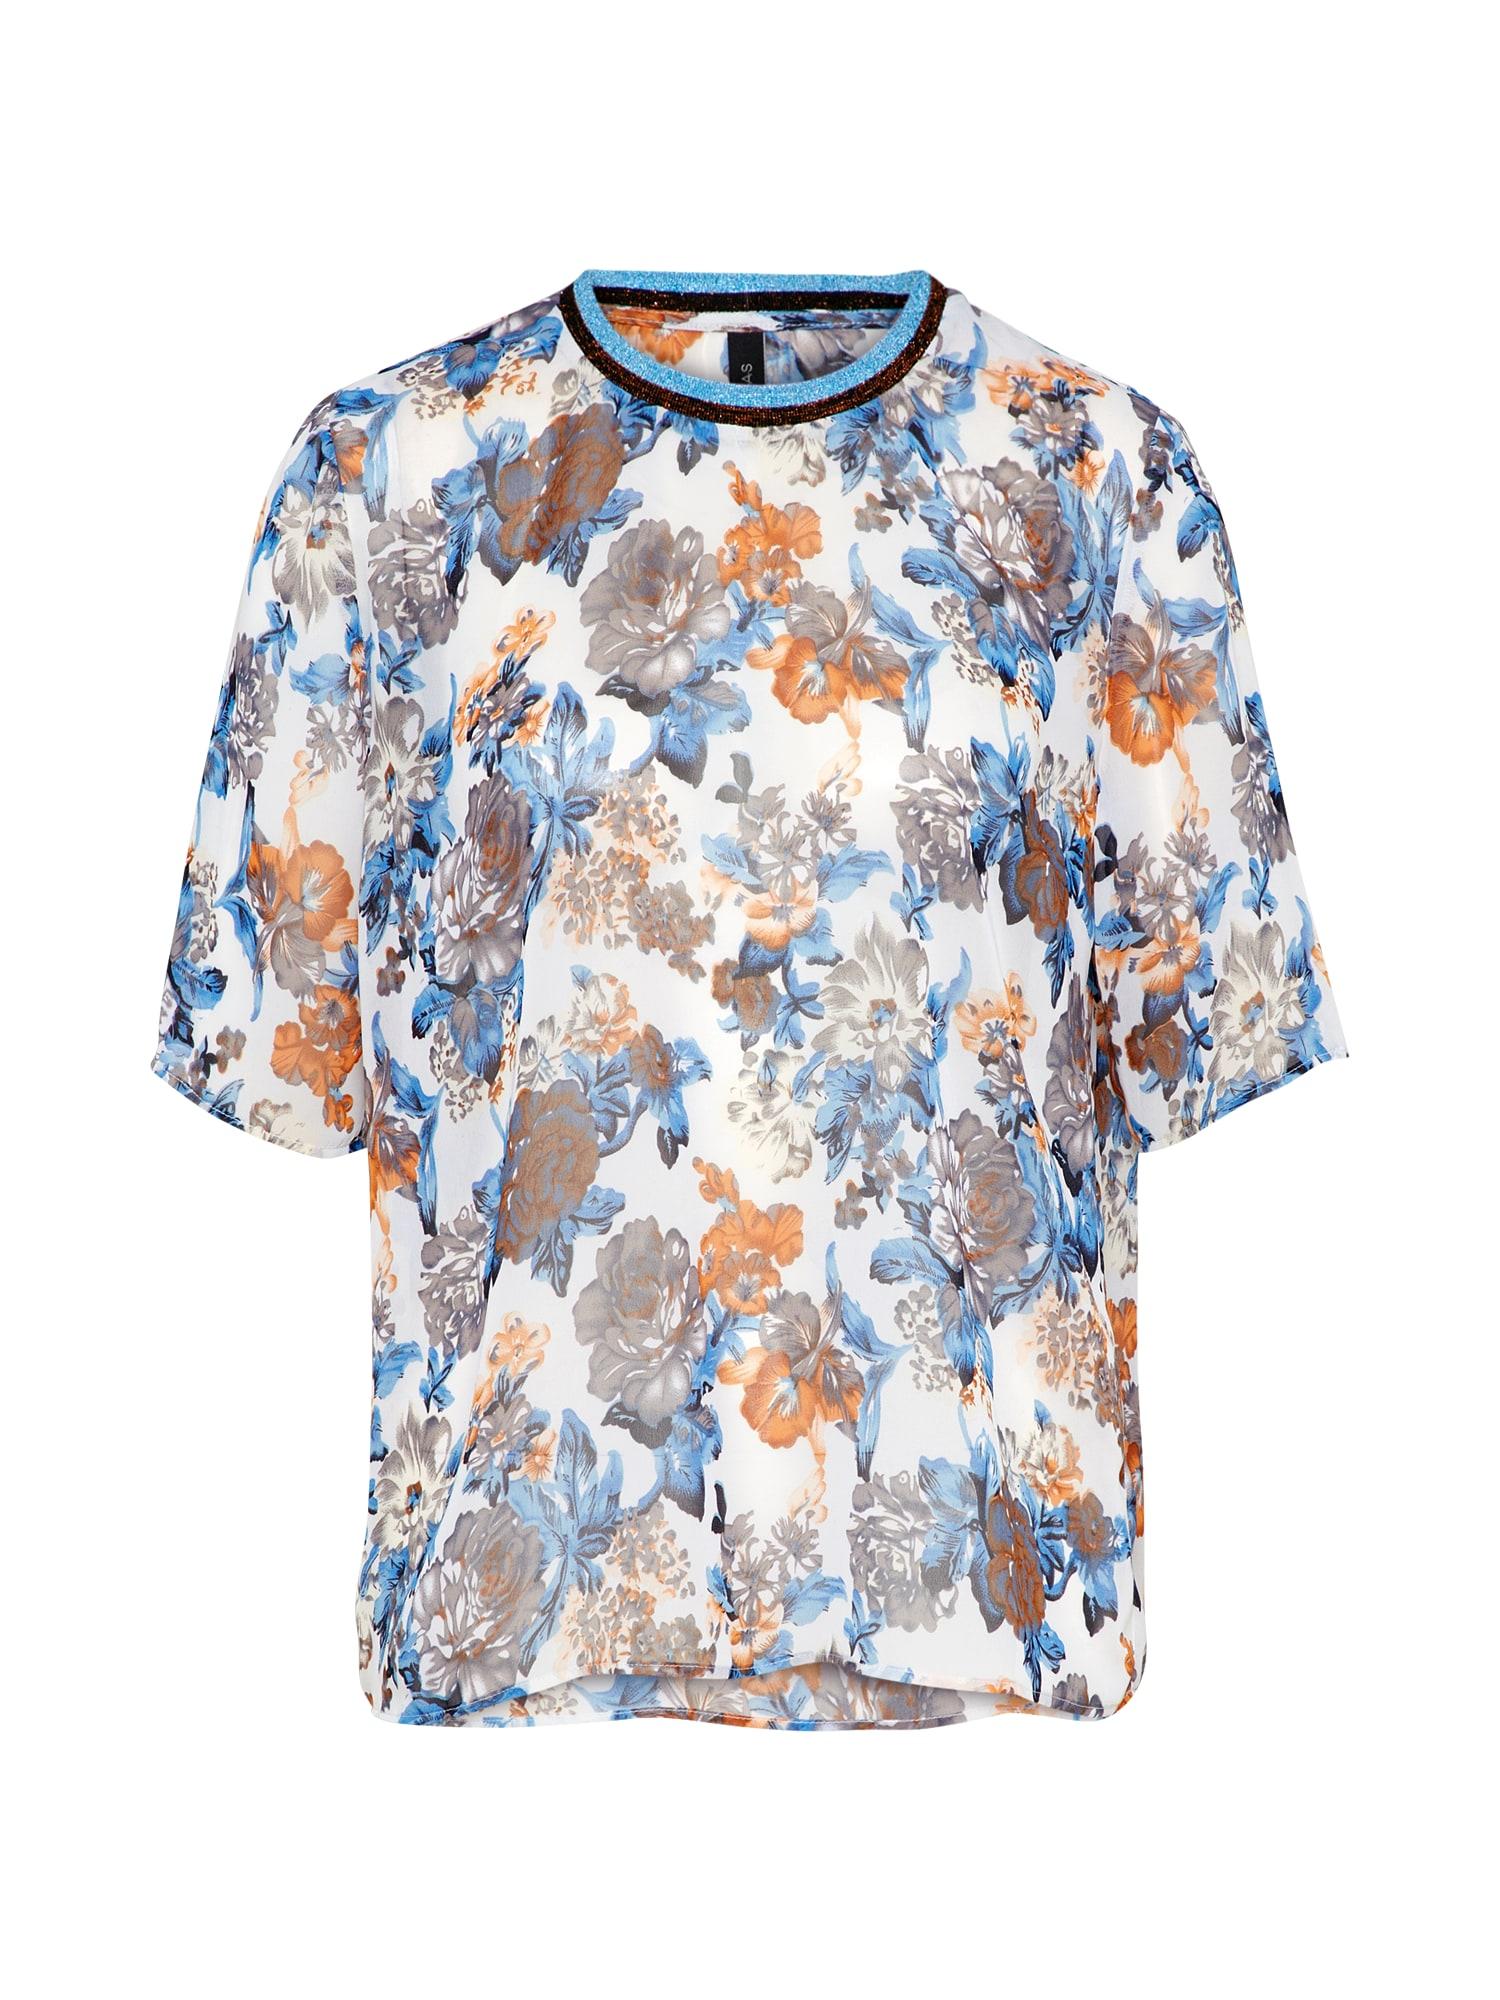 Tričko YASBLUSH modrá koňaková bílá Y.A.S